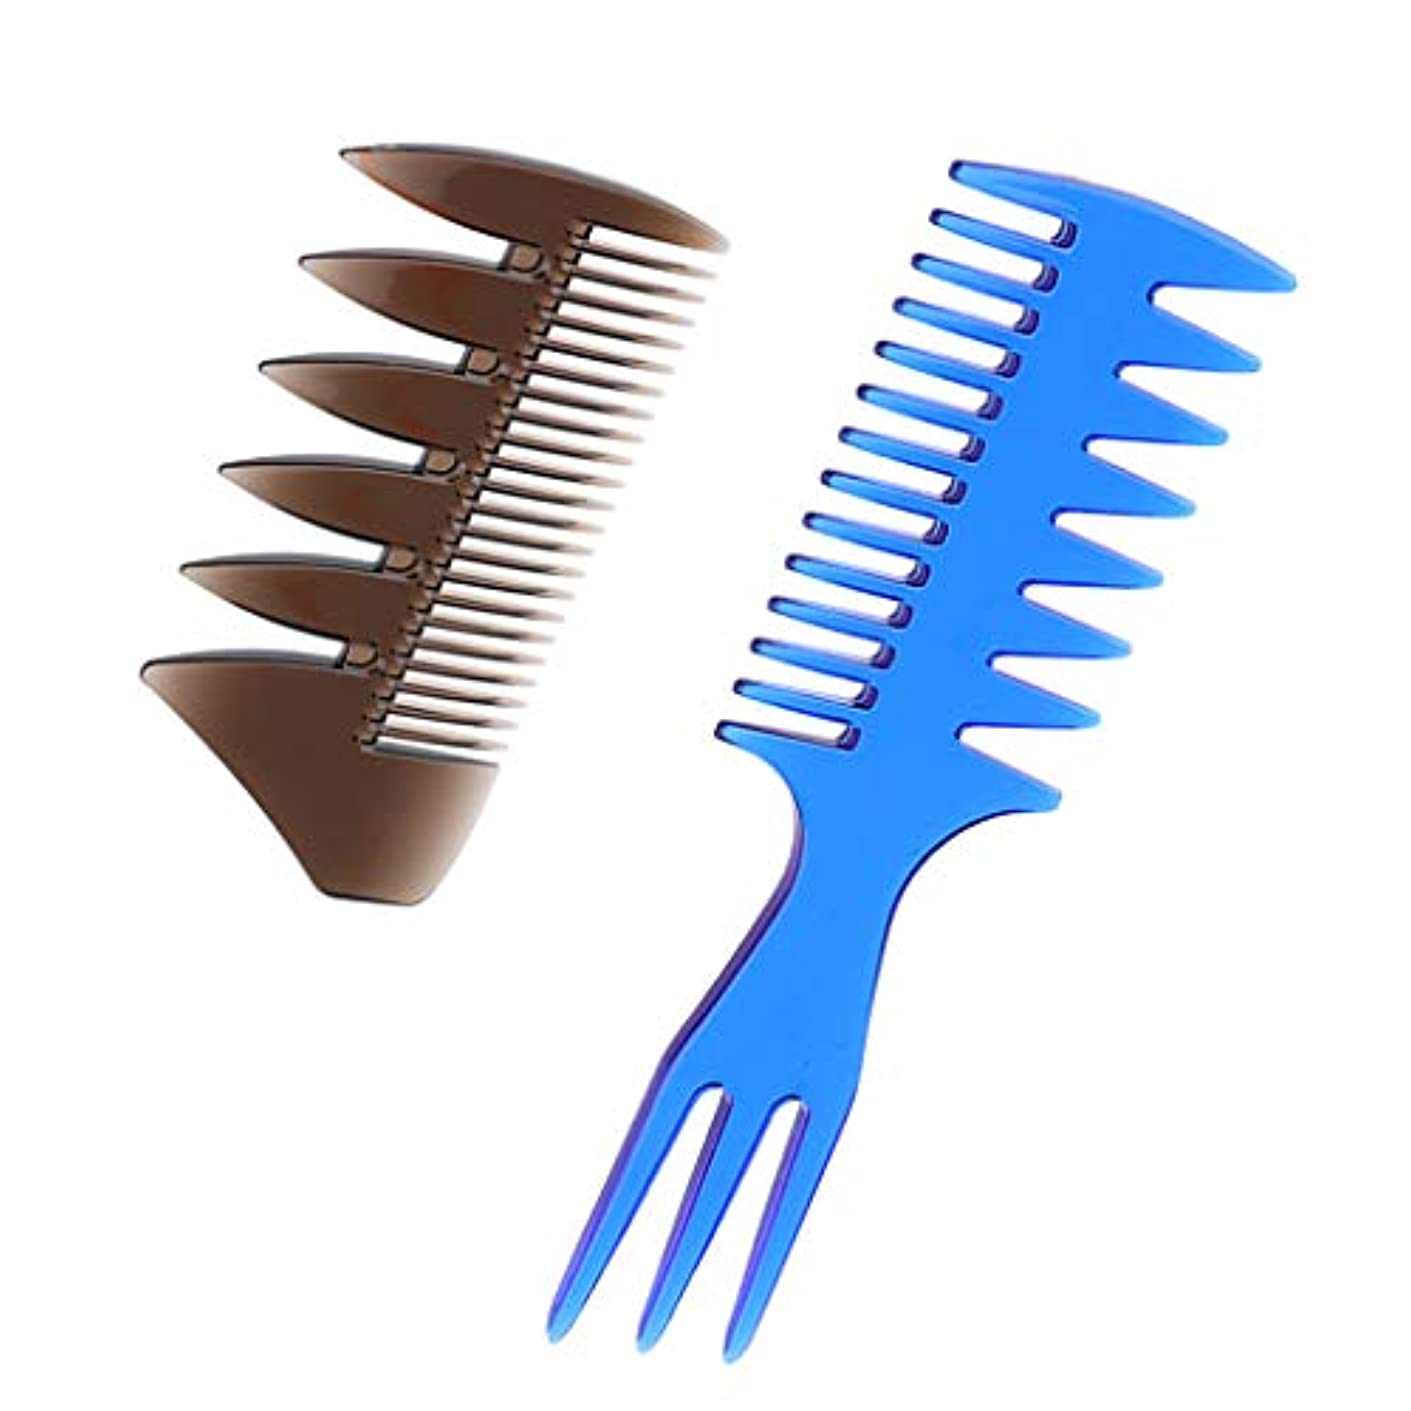 土曜日ピーク前投薬2本 男性 油性の髪櫛 ヘアブラシ ヘアサロン 広い歯櫛